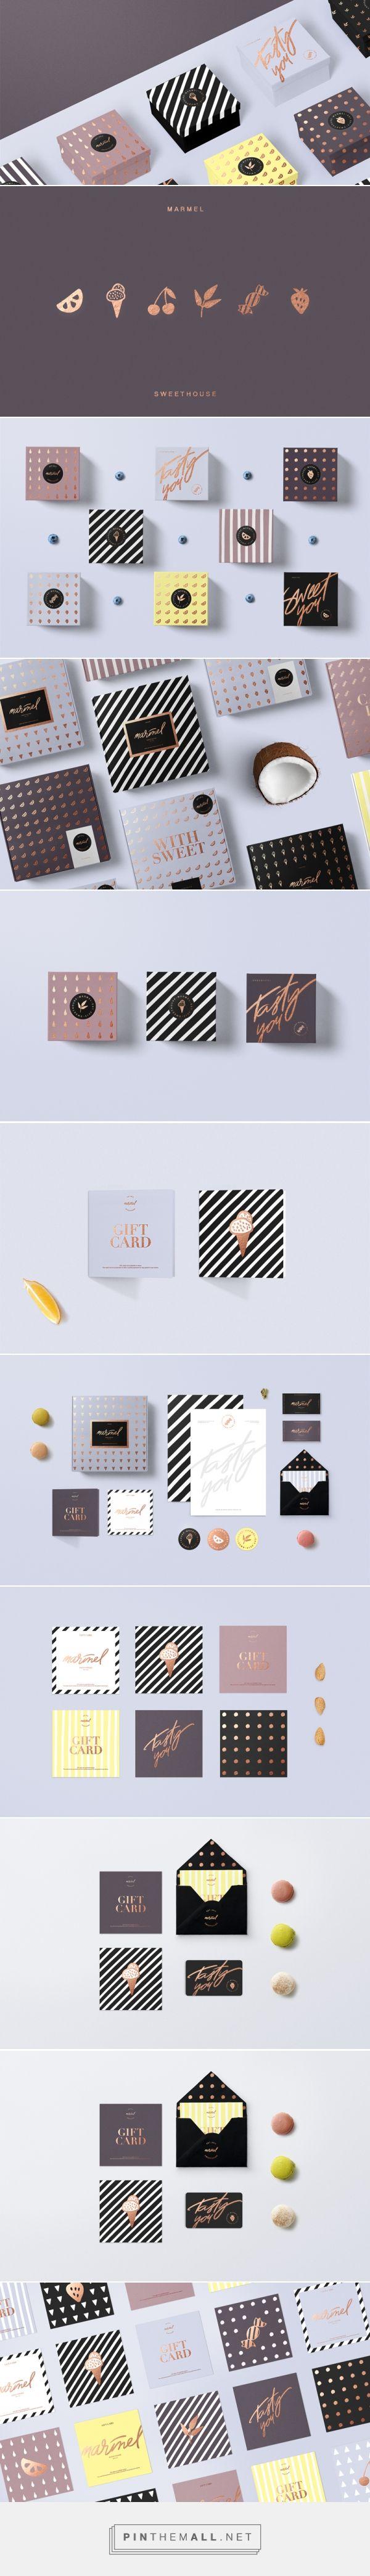 Marmel Sweet House Branding | Fivestar Branding – Design and Branding Agency & Inspiration Gallery